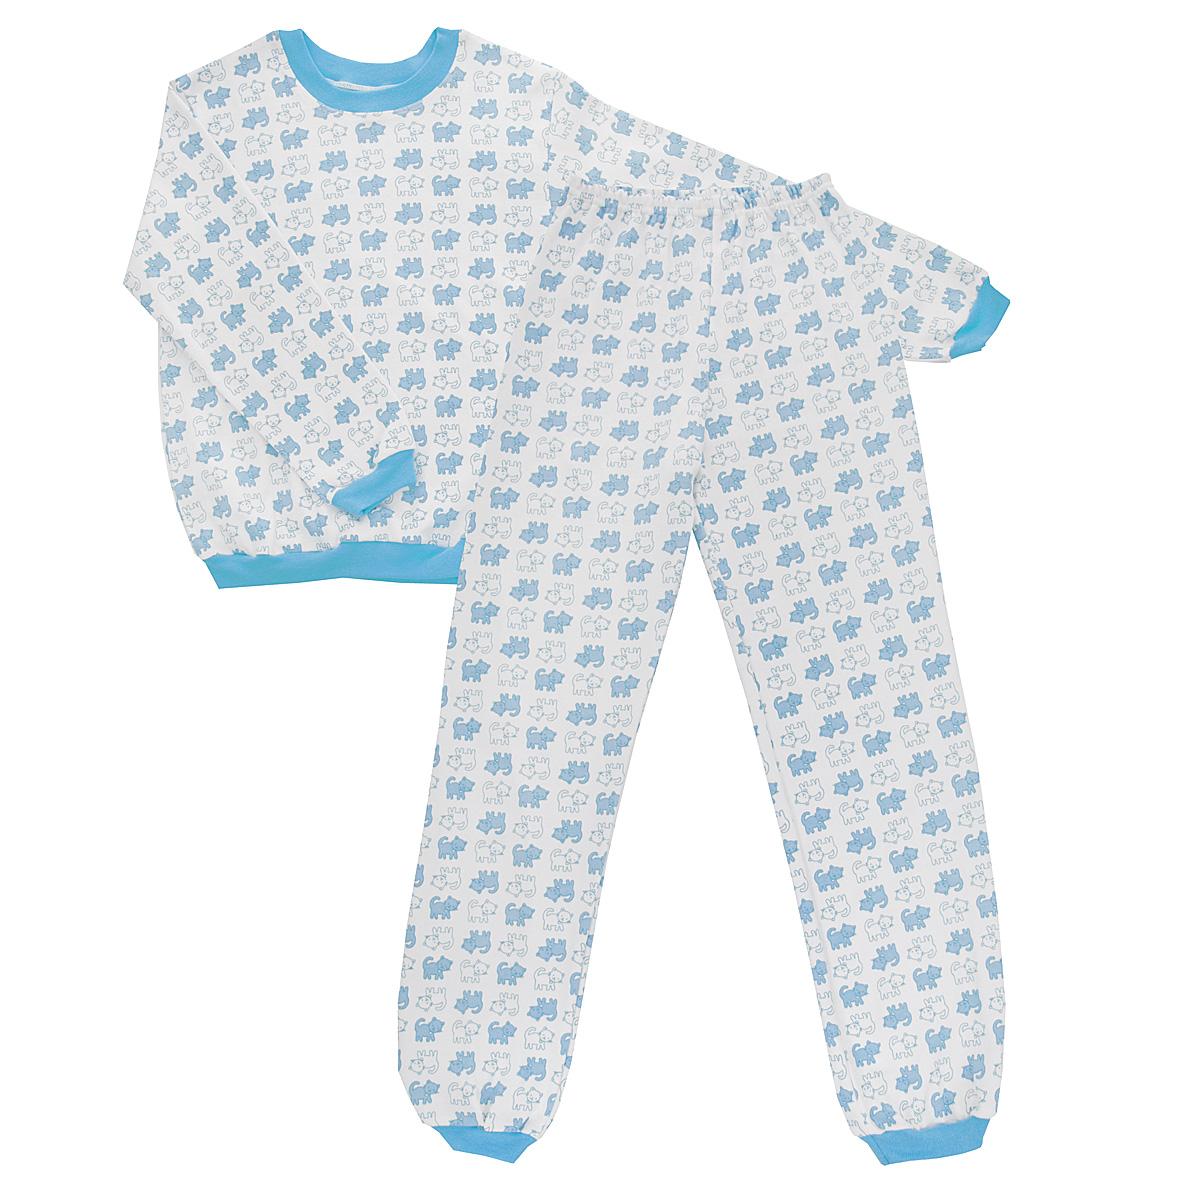 Пижама детская Трон-плюс, цвет: белый, голубой. 5555_котенок. Размер 86/92, 2-3 года